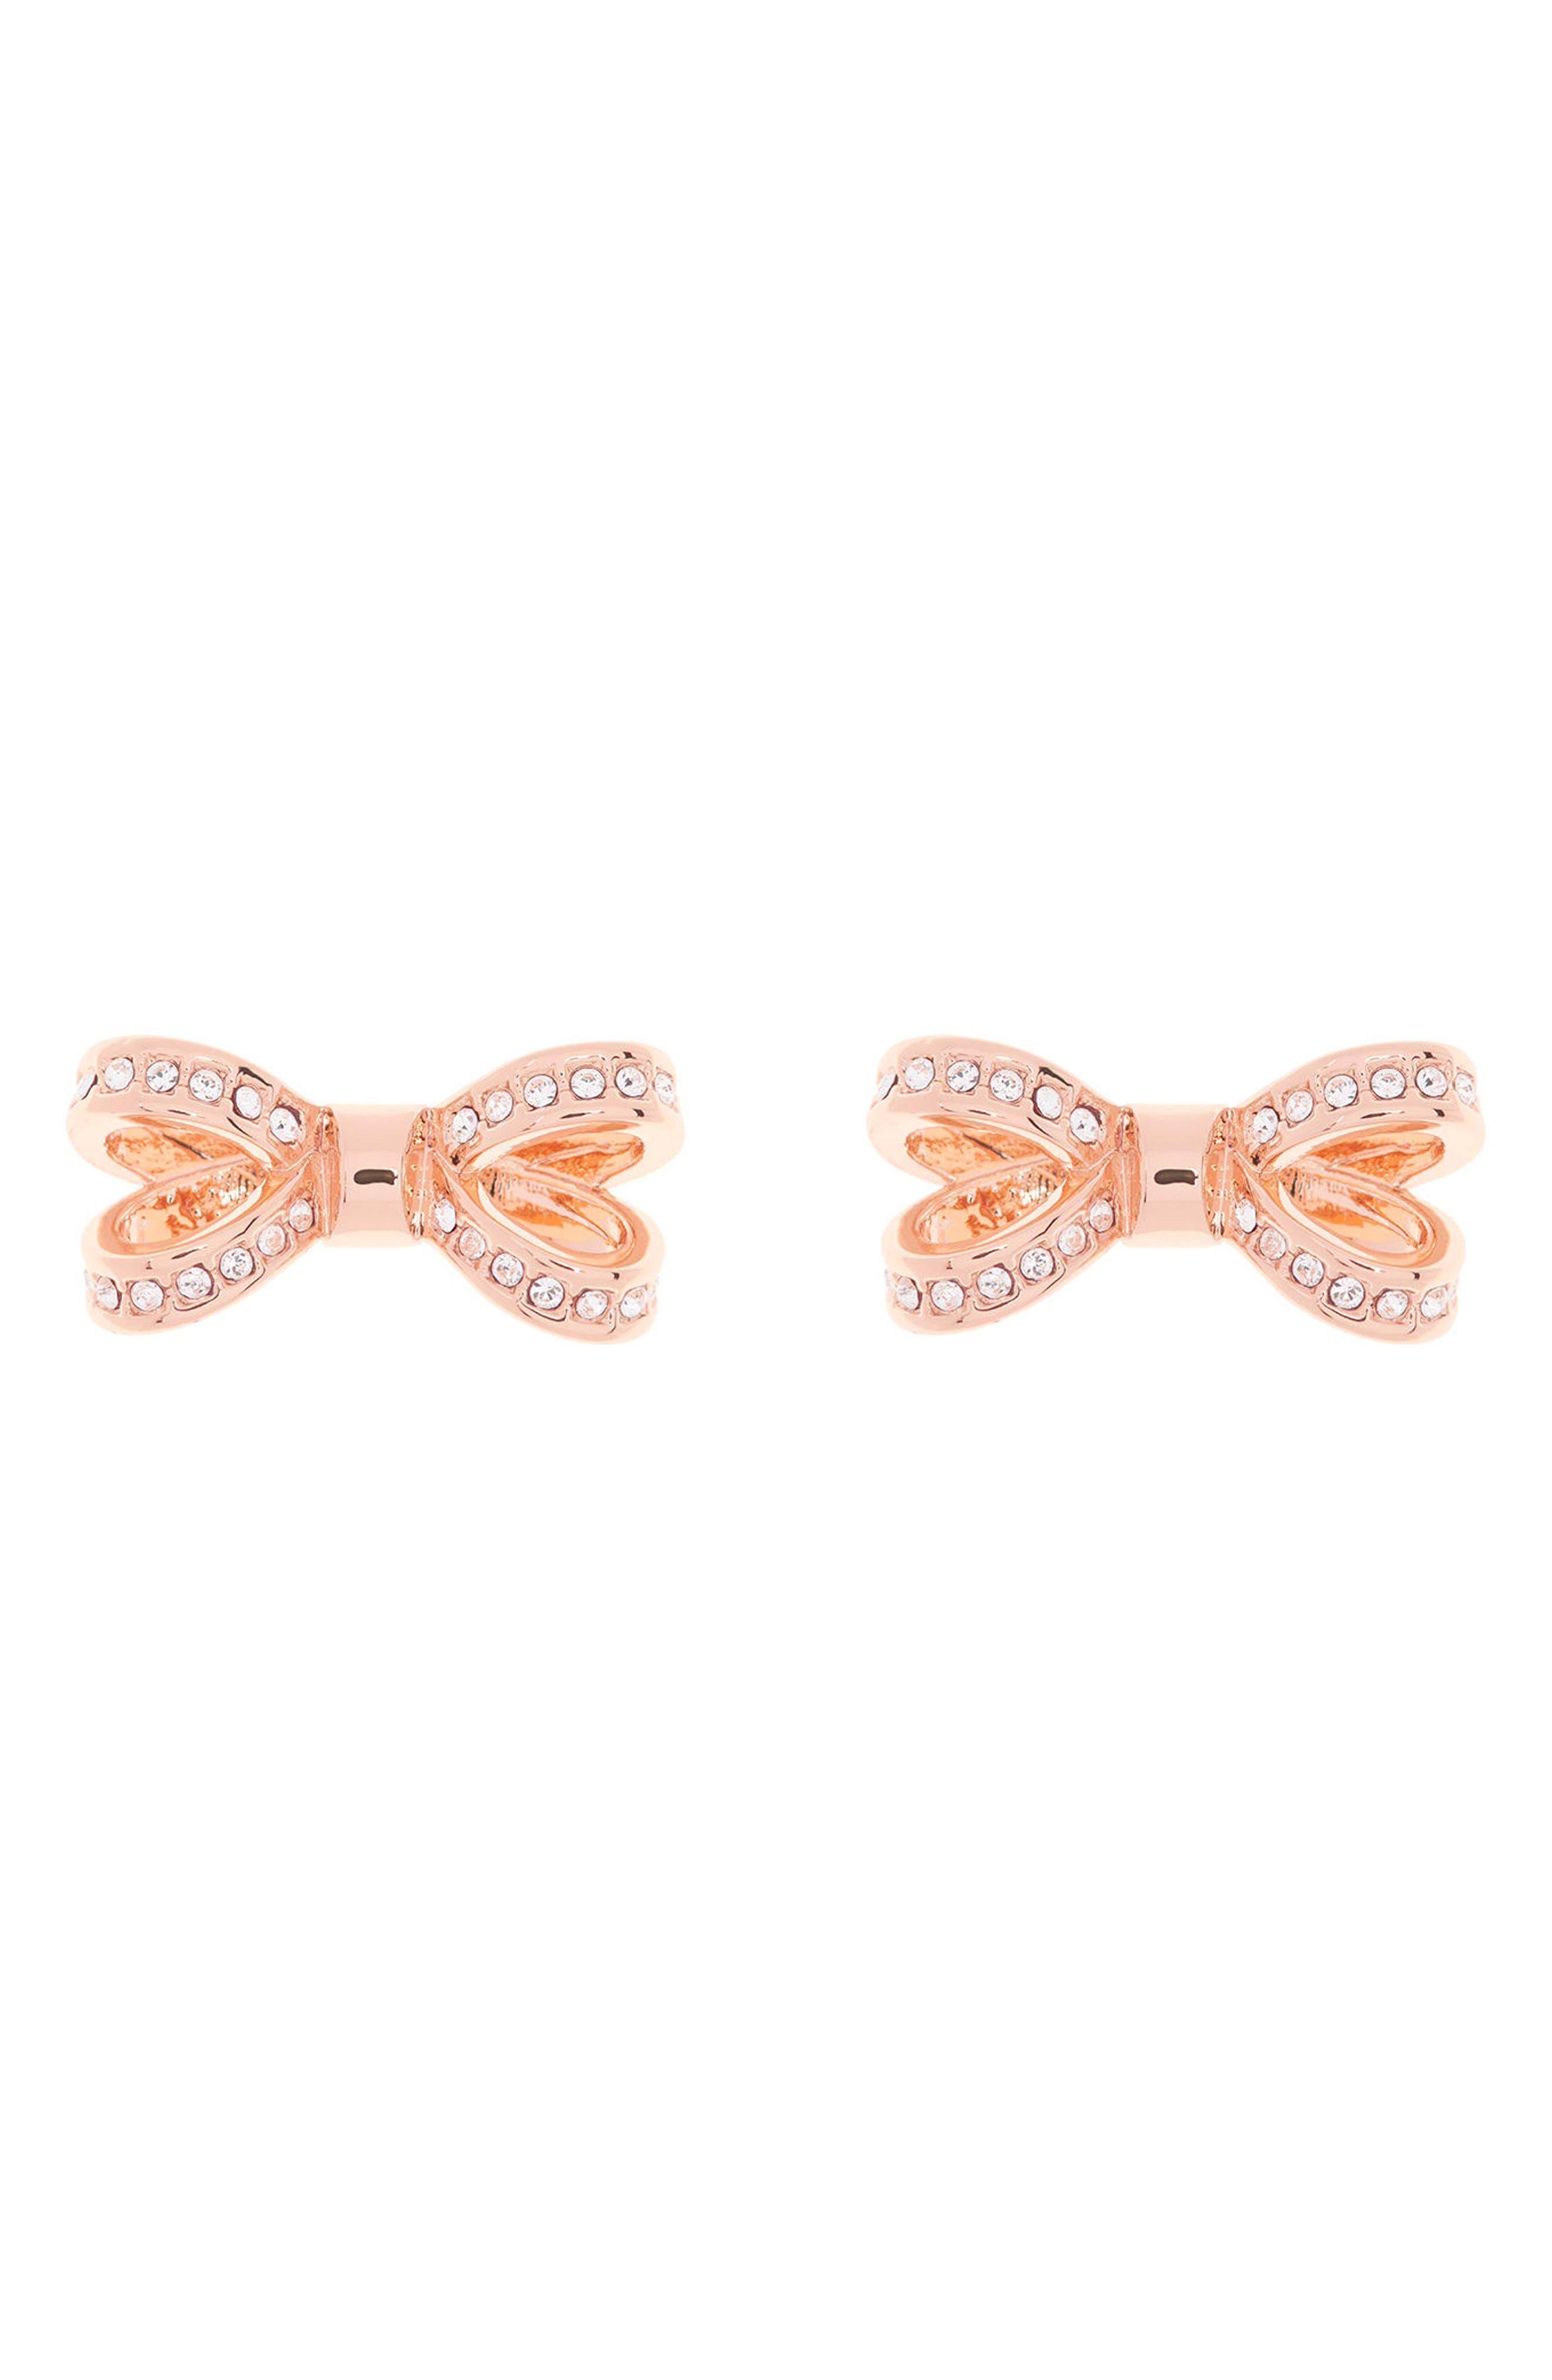 Mini Opulent Pavé Bow Stud Earrings,                             Main thumbnail 1, color,                             Rose Gold